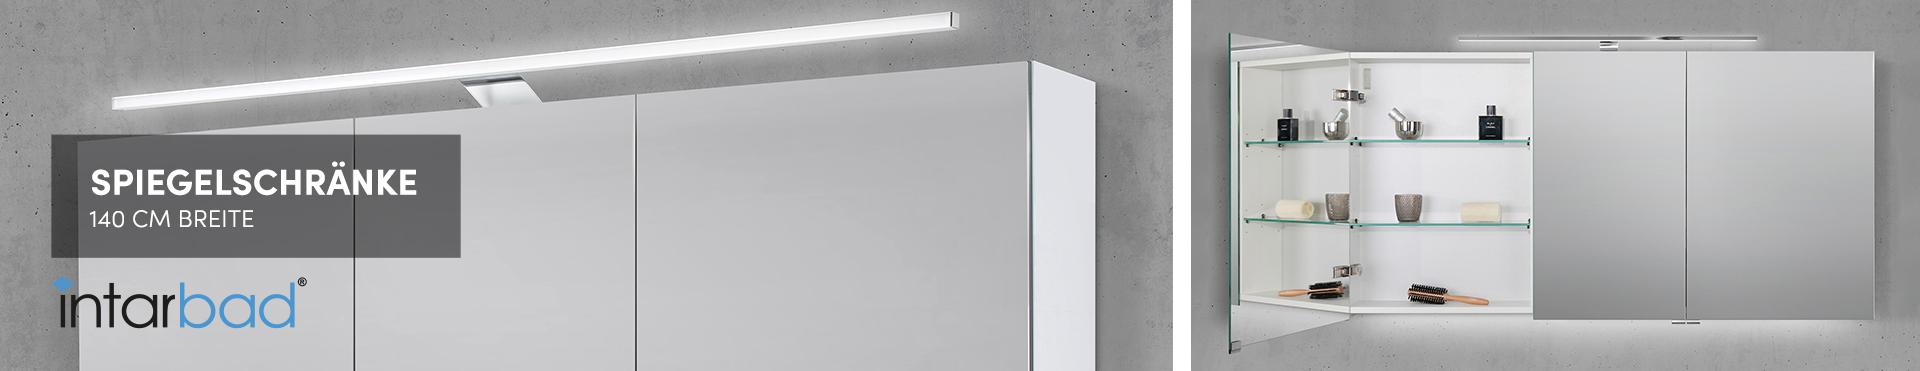 140 cm Spiegelschränke